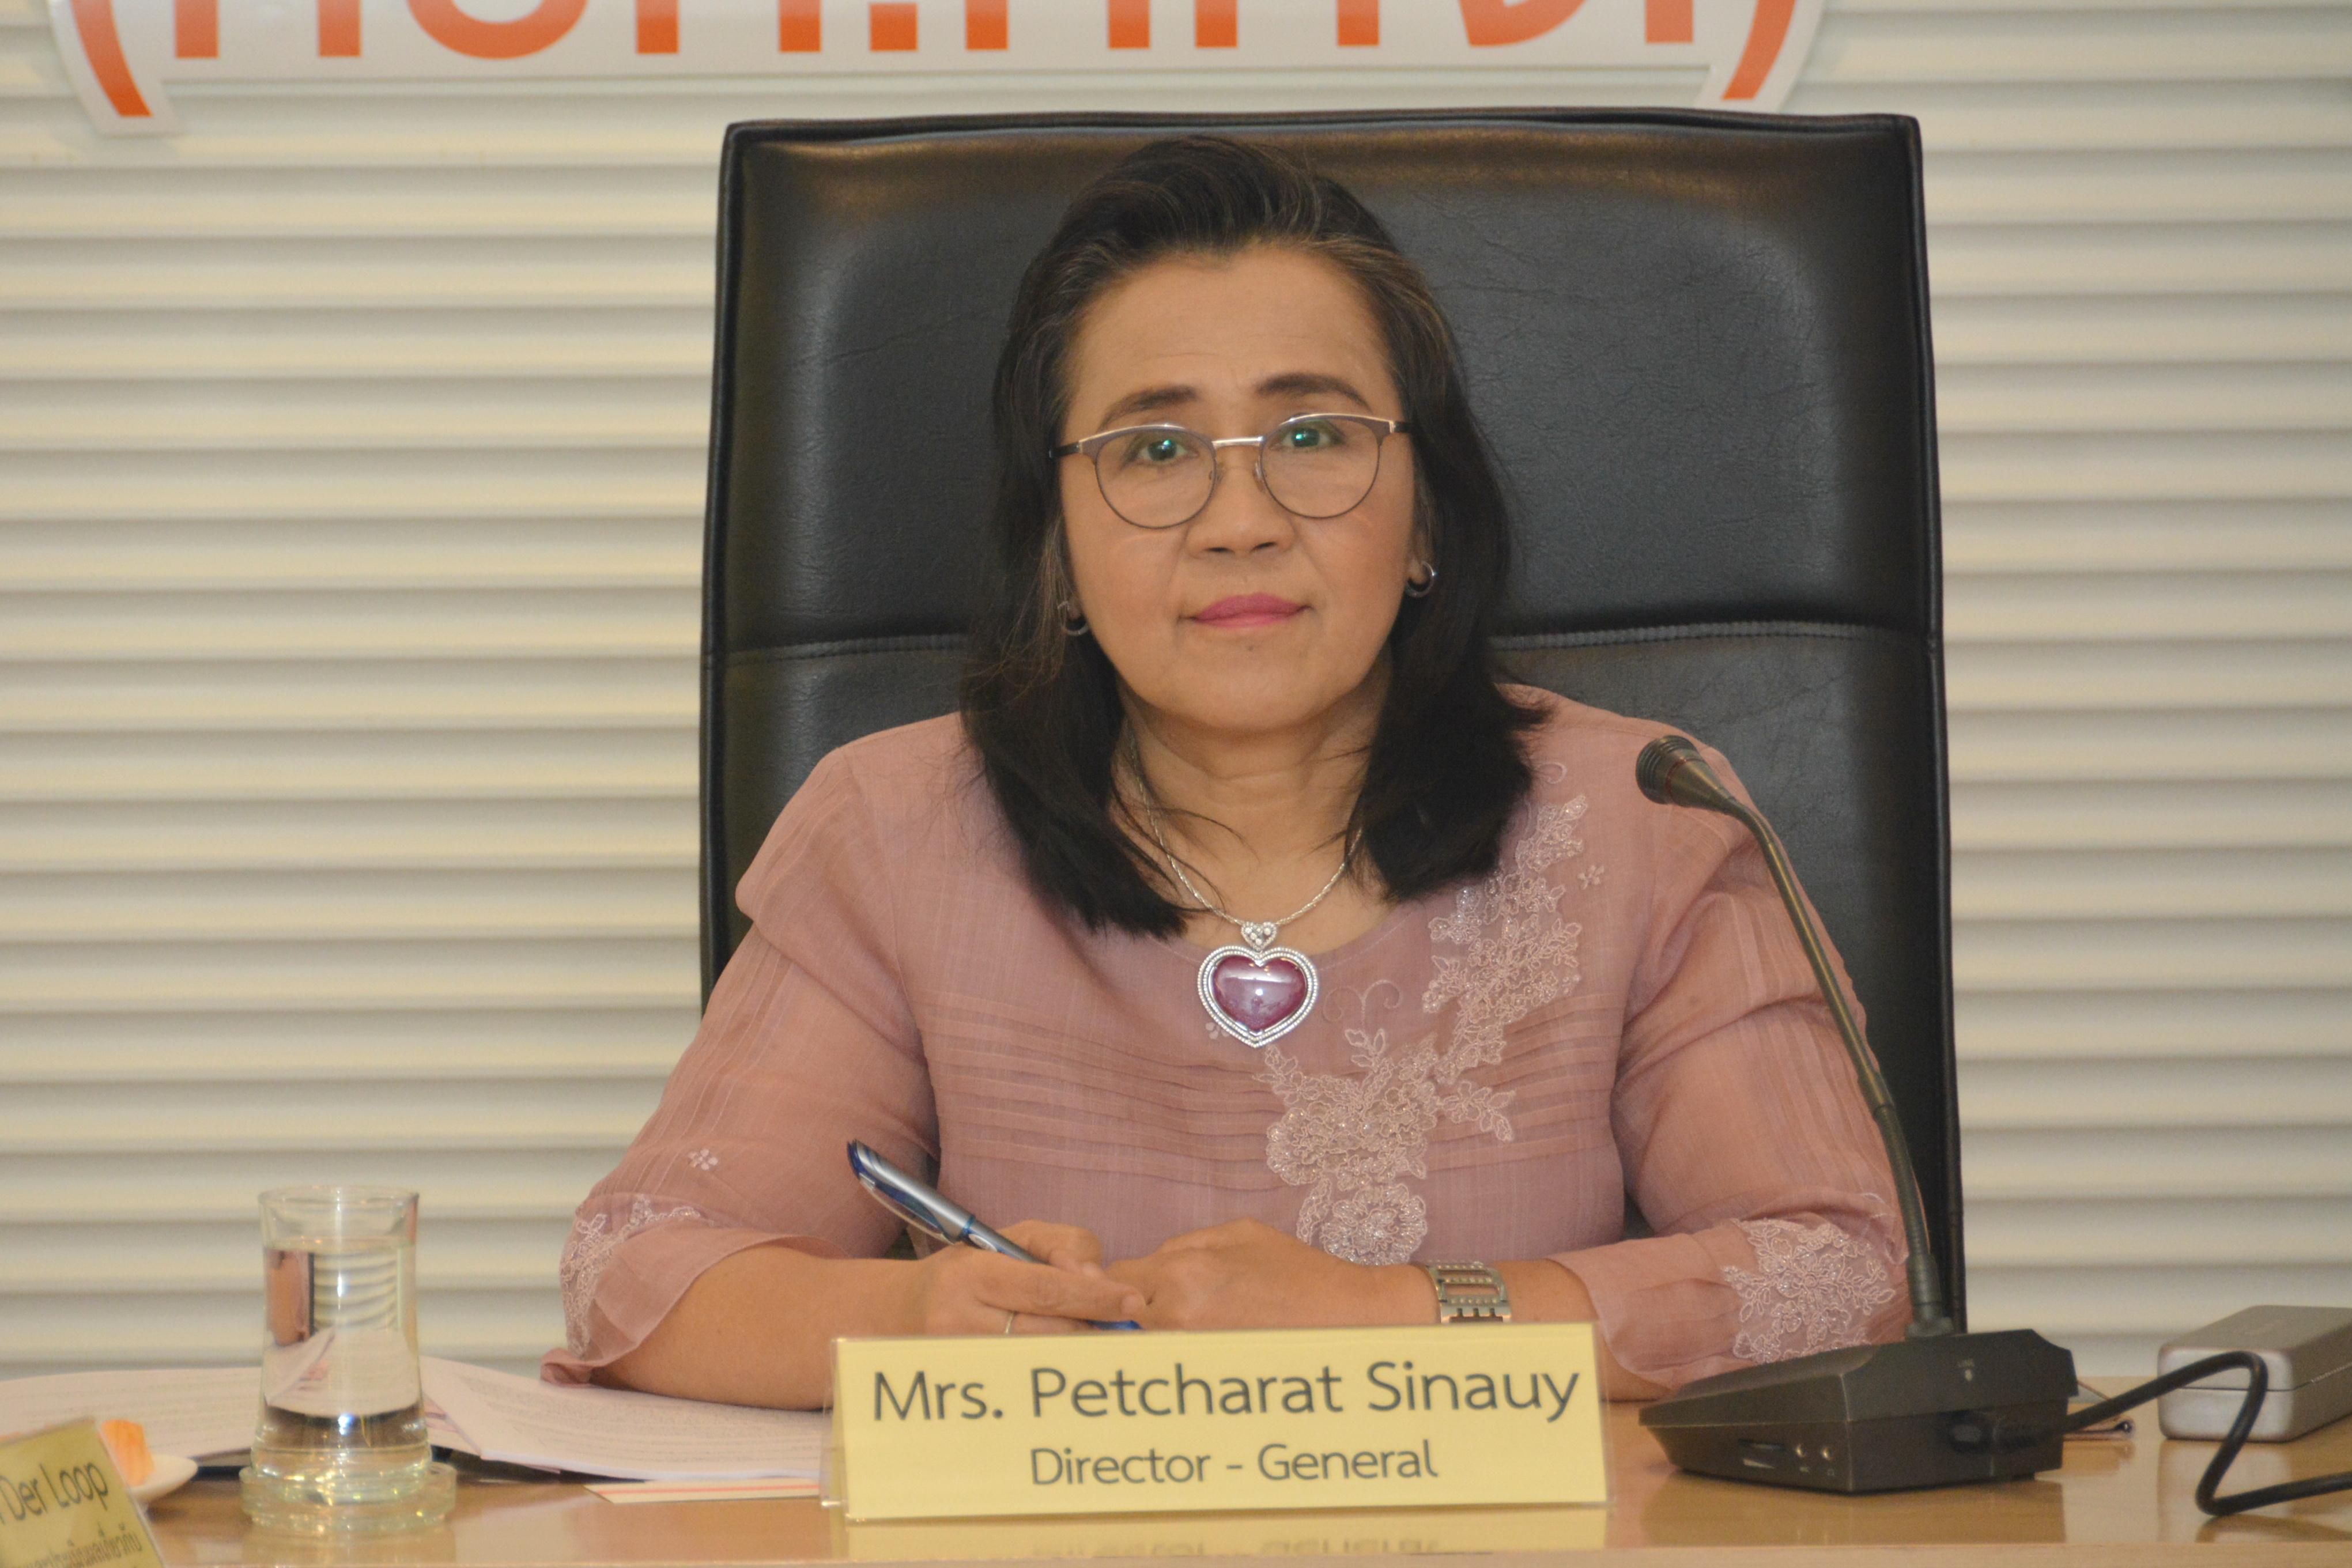 หารือที่ปรึกษาอิสระด้านการติดตามและประเมินผลเกี่ยวกับการดำเนินโครงการ TRIANGLE in ASEAN  ในประเทศไทย